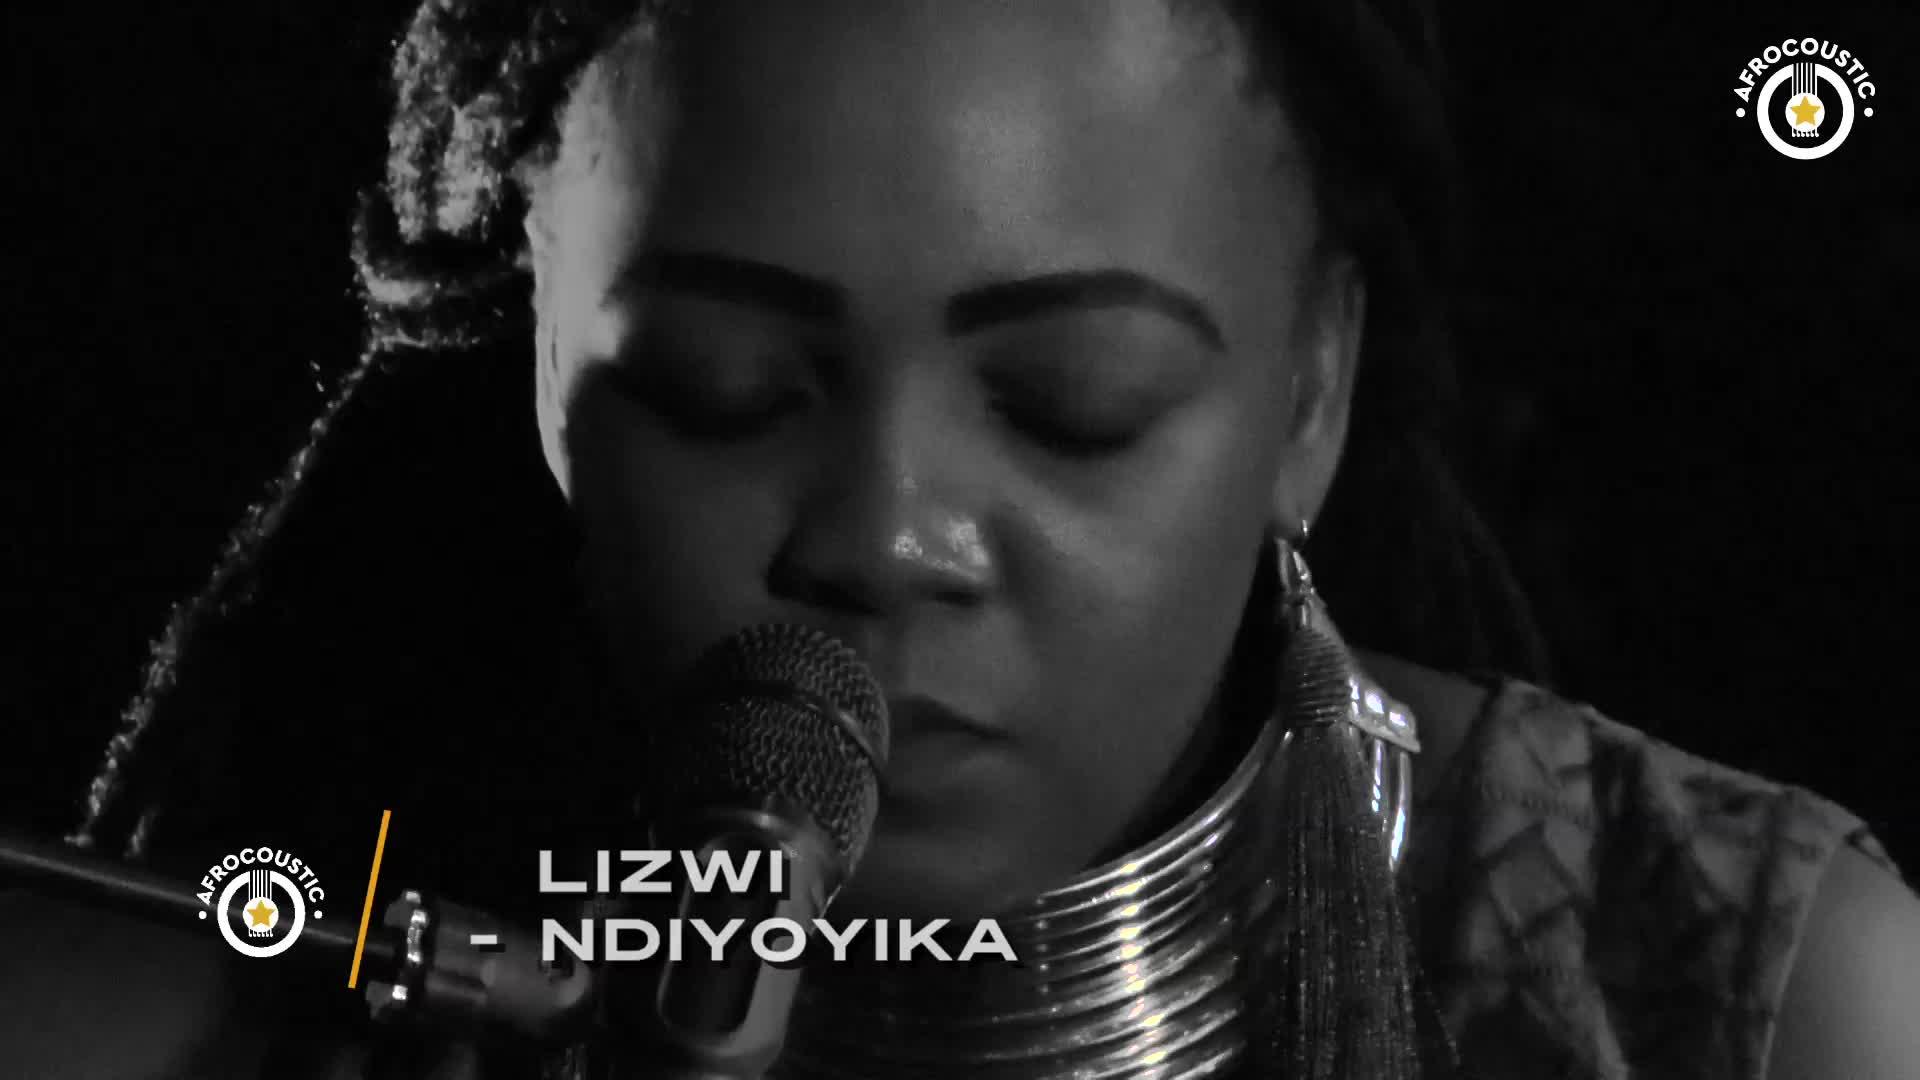 Afrocoustic - Lizwi - Ndiyoyika